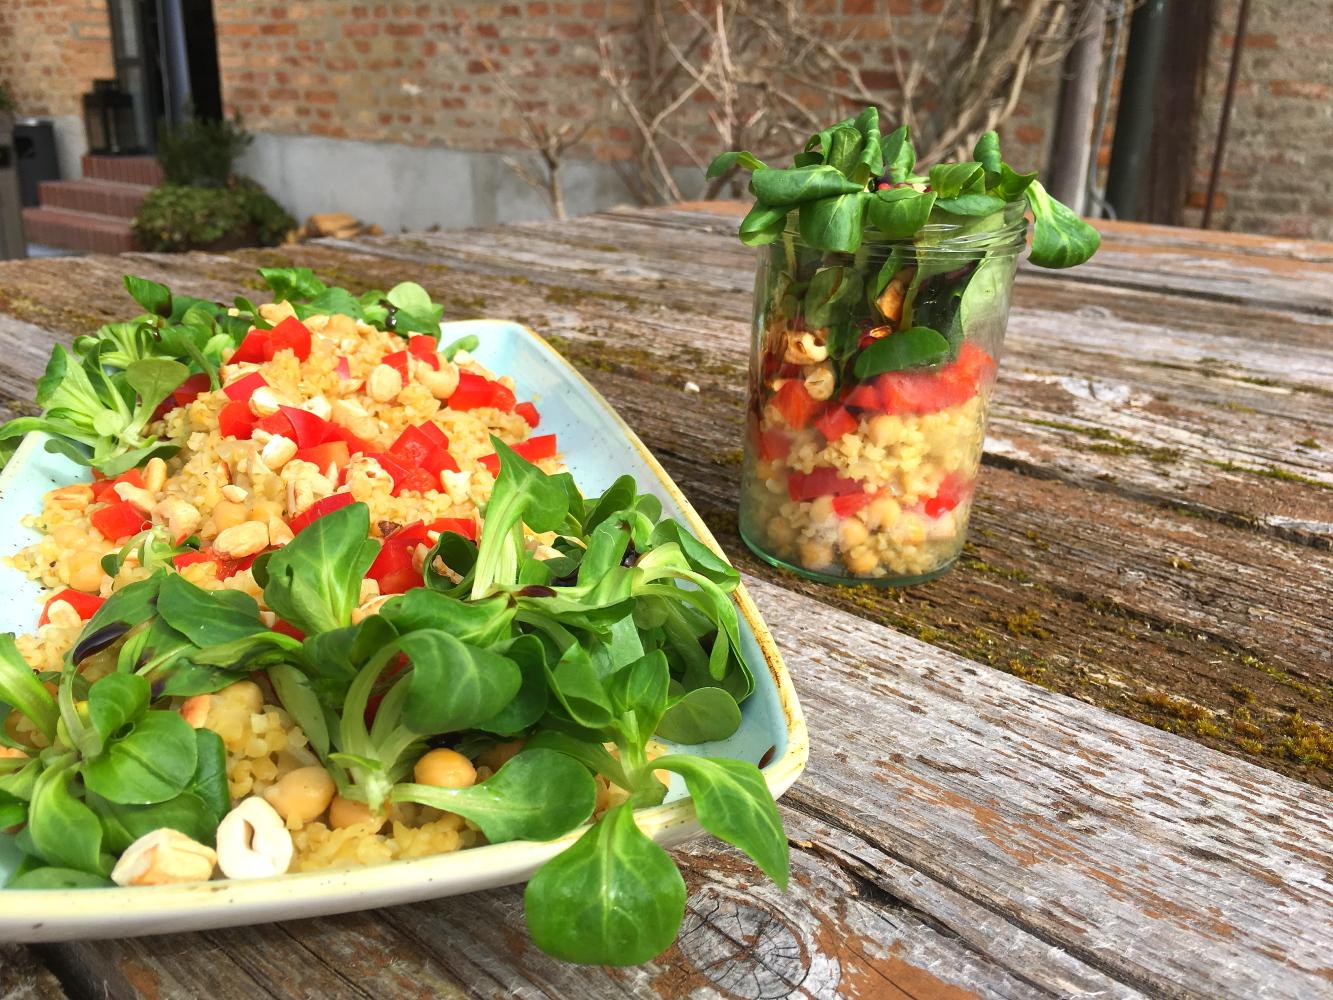 Blugursalat im Glas mit Granatapfelkernen